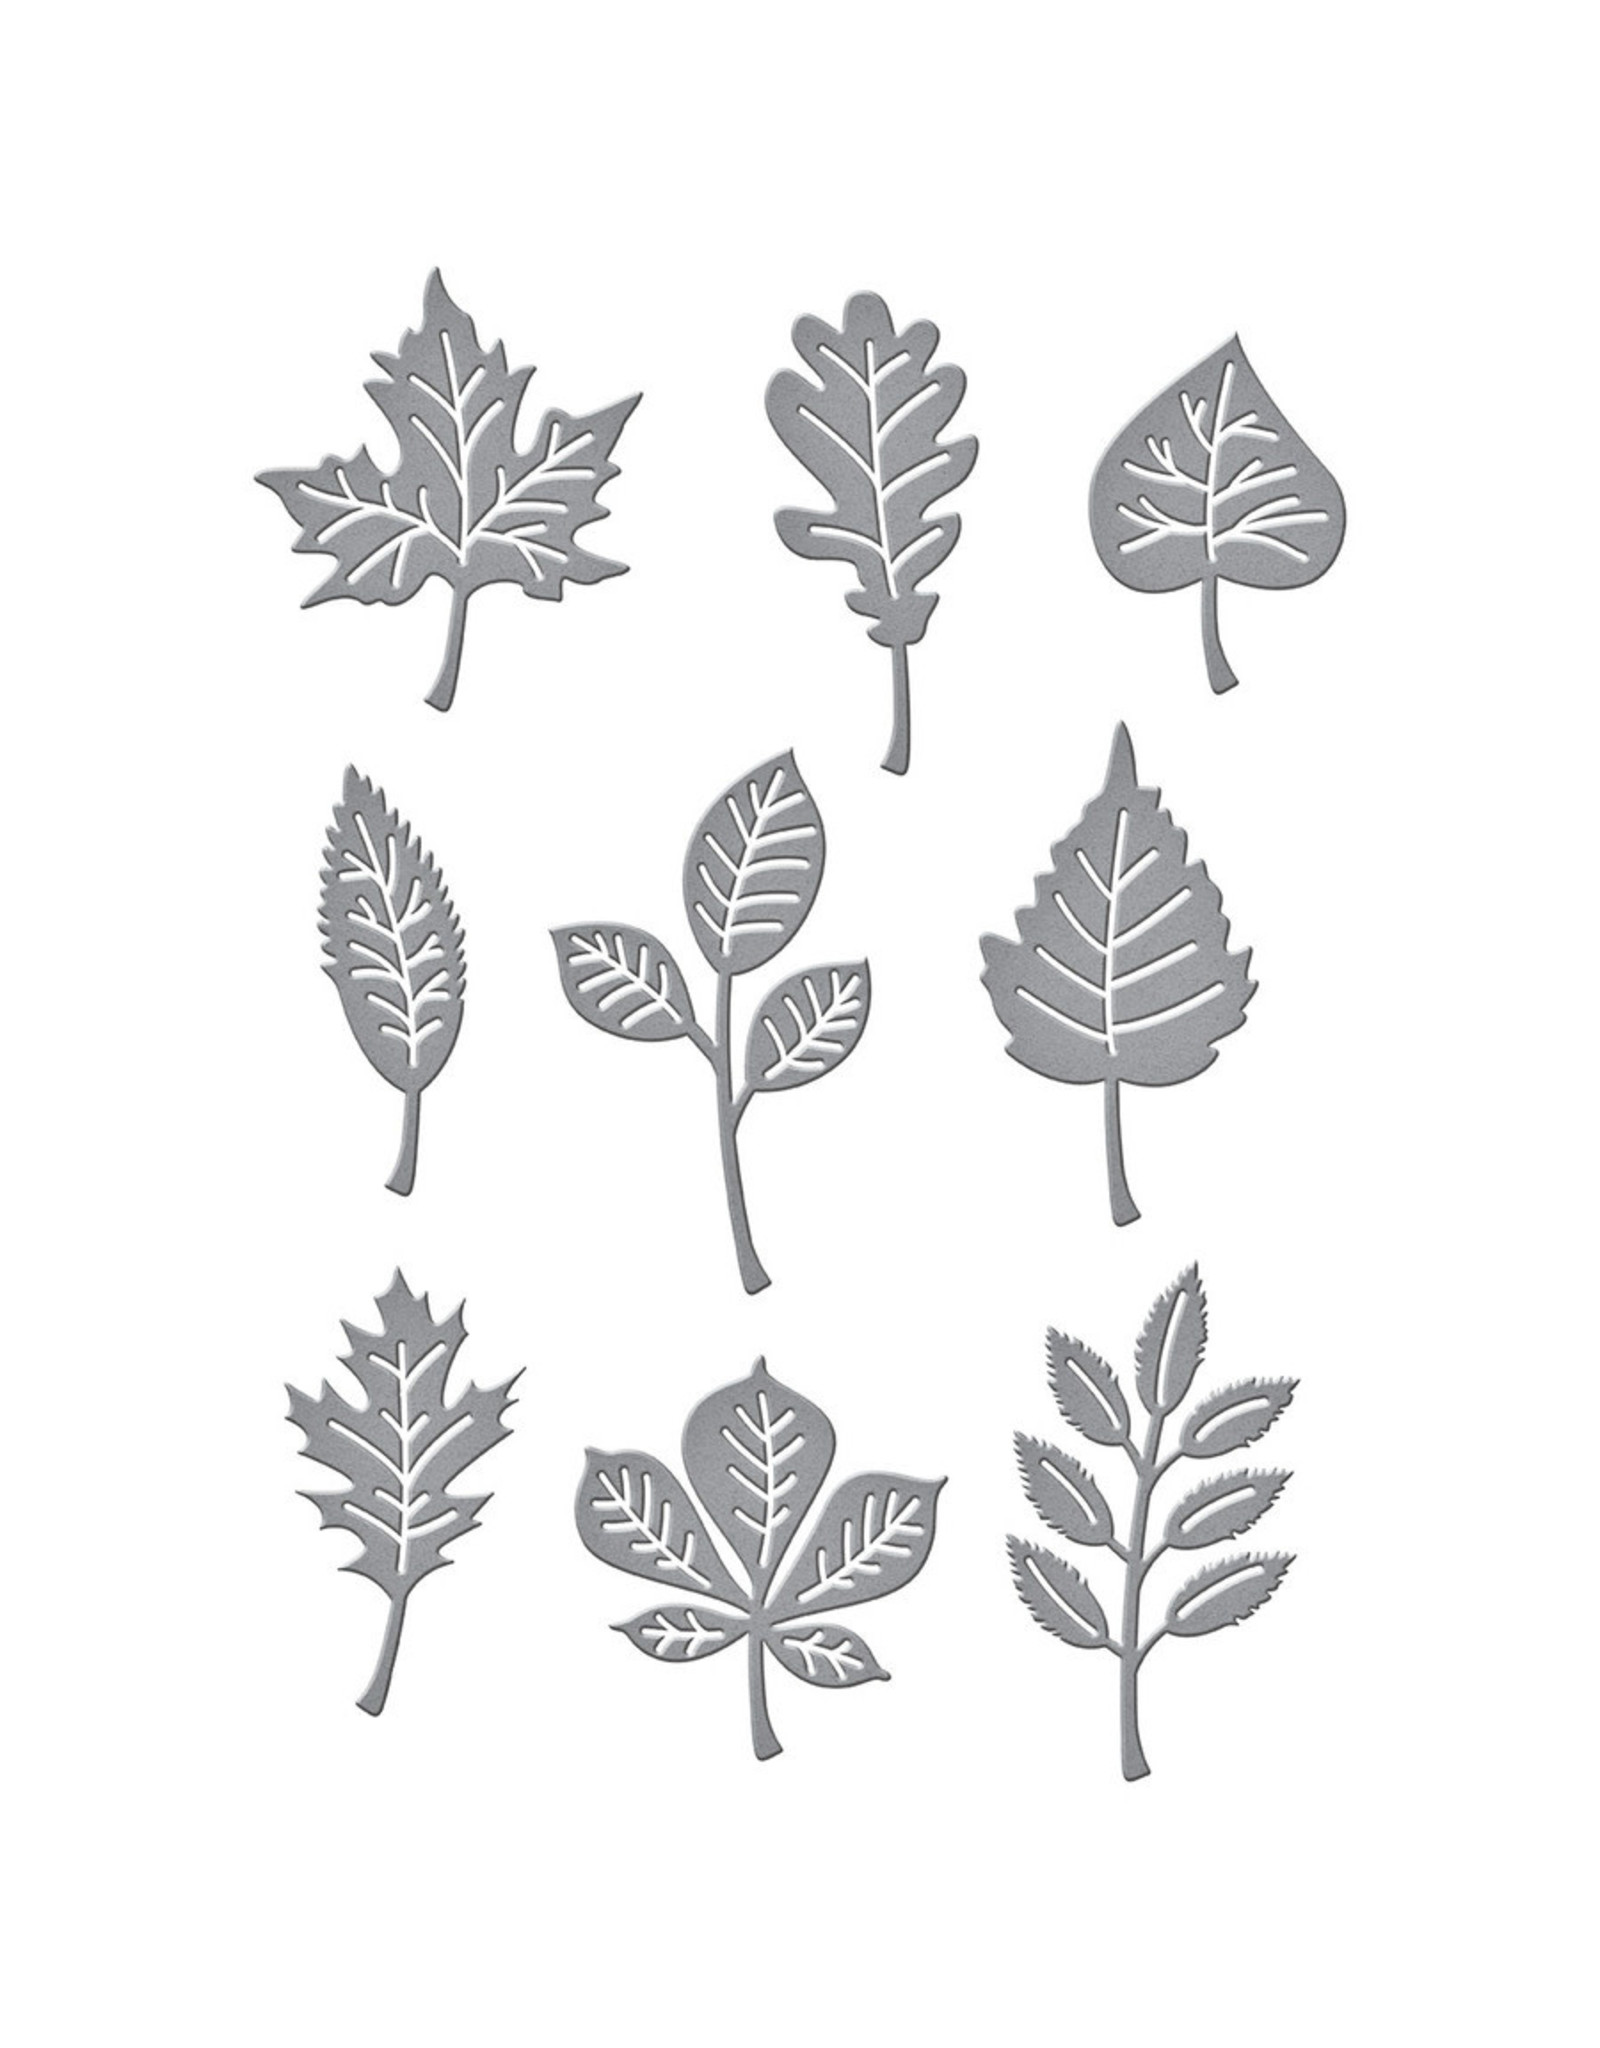 Spellbinders Autumn Leaves Die